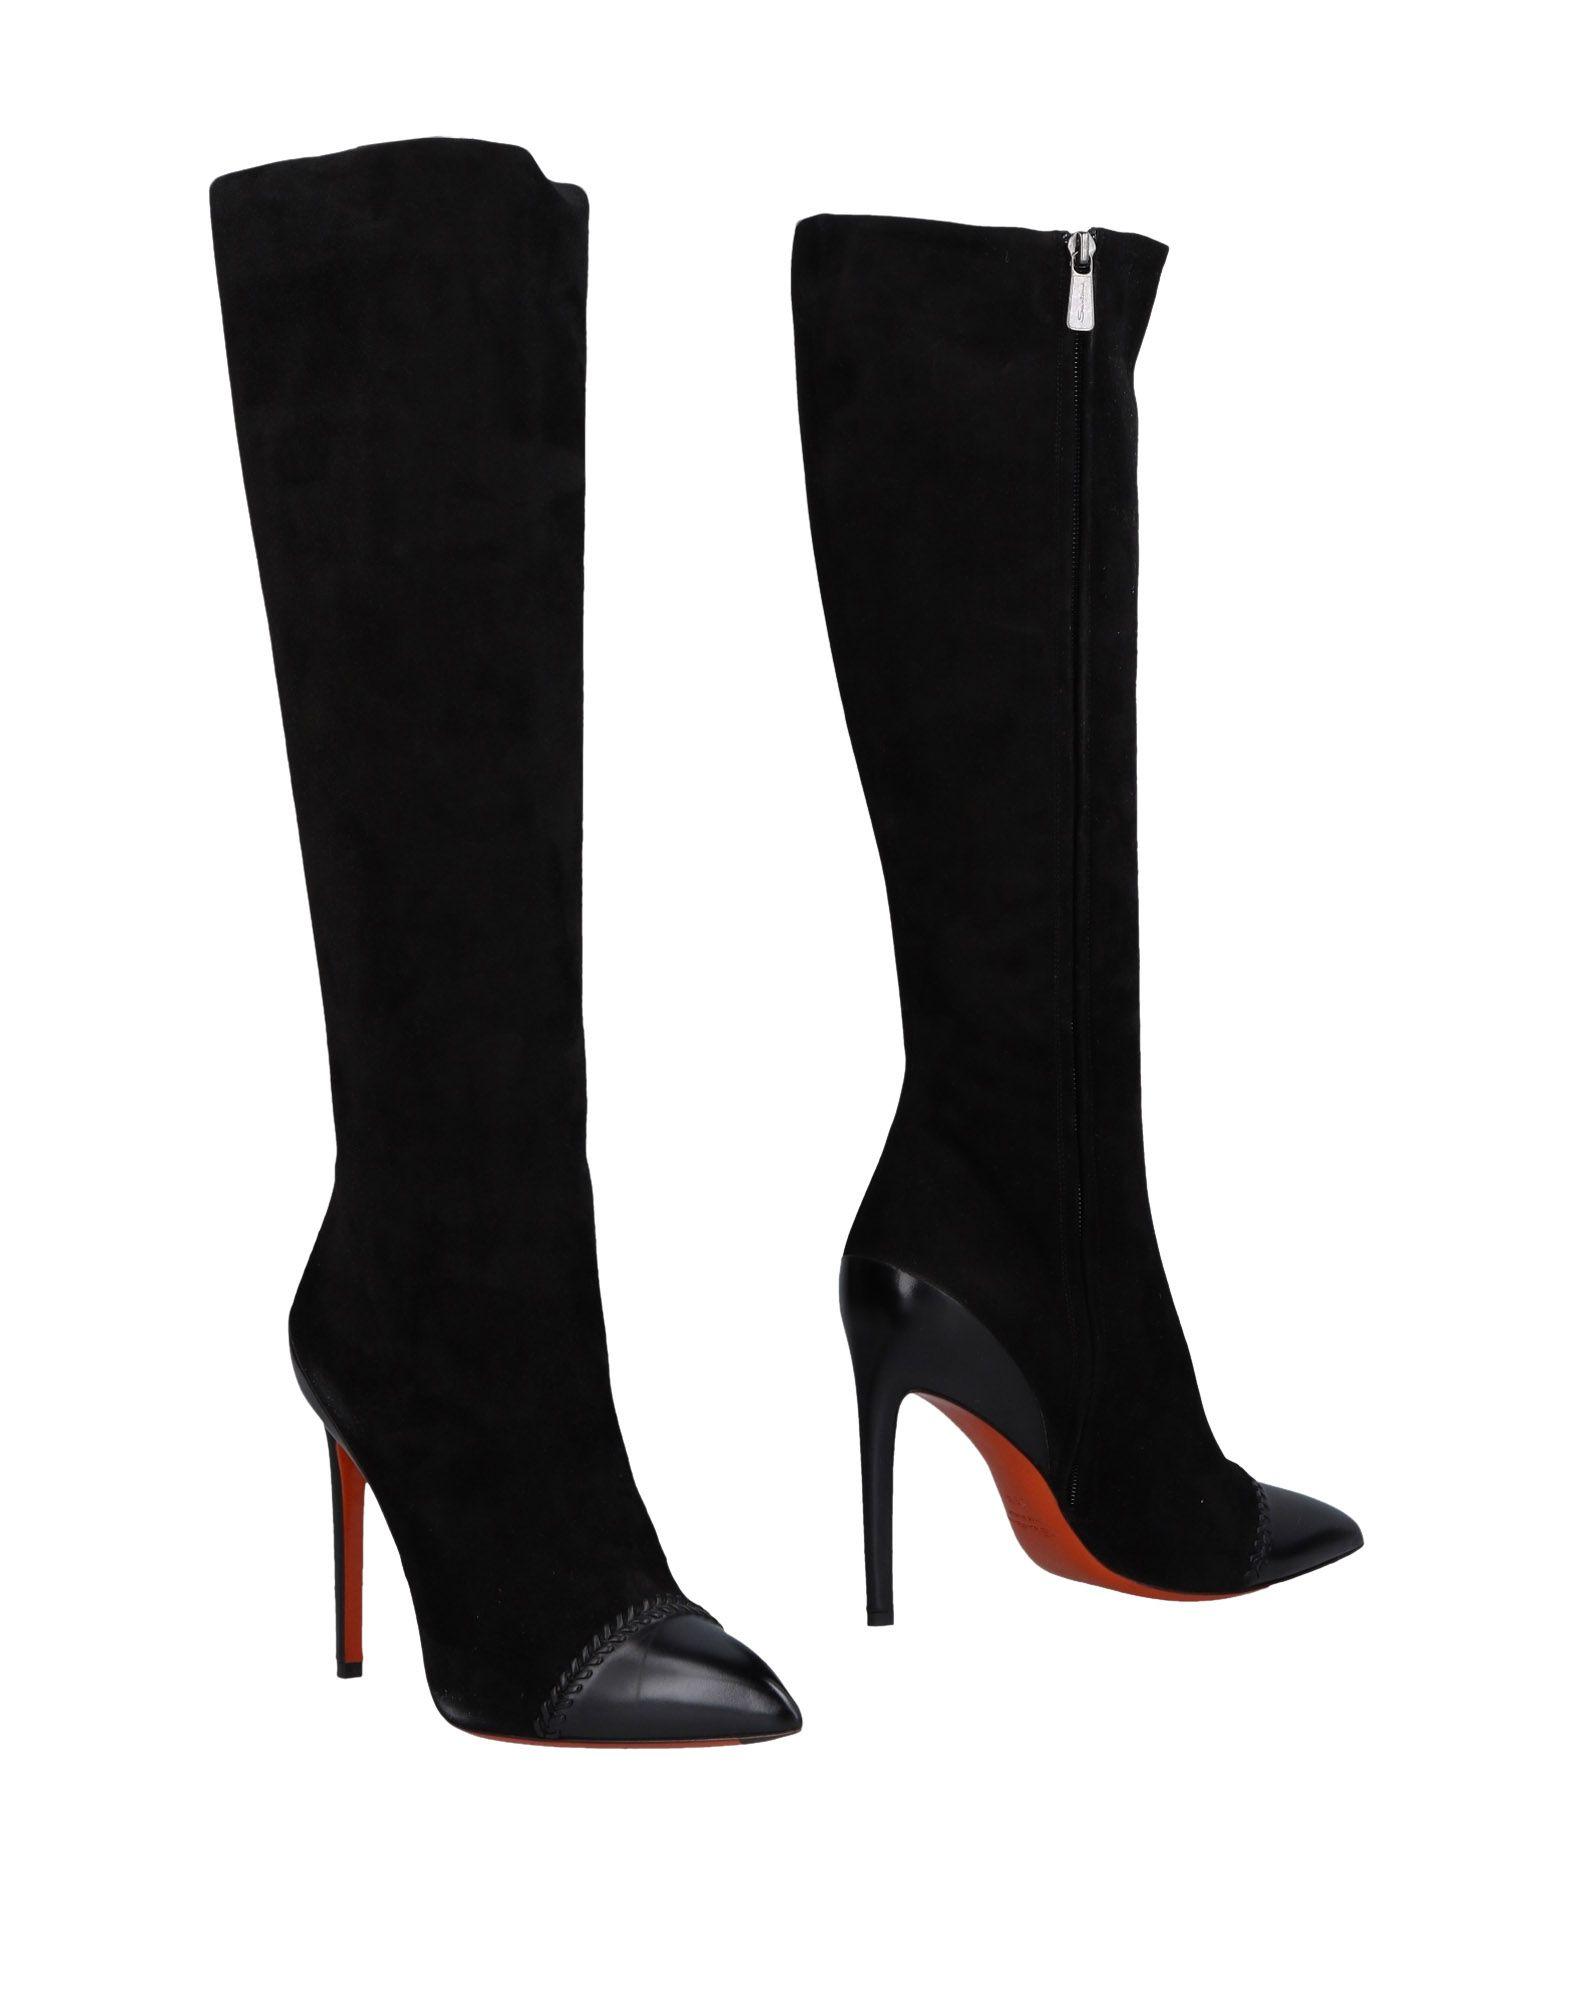 Stivali Santoni Donna - 11478387BO Scarpe economiche e buone